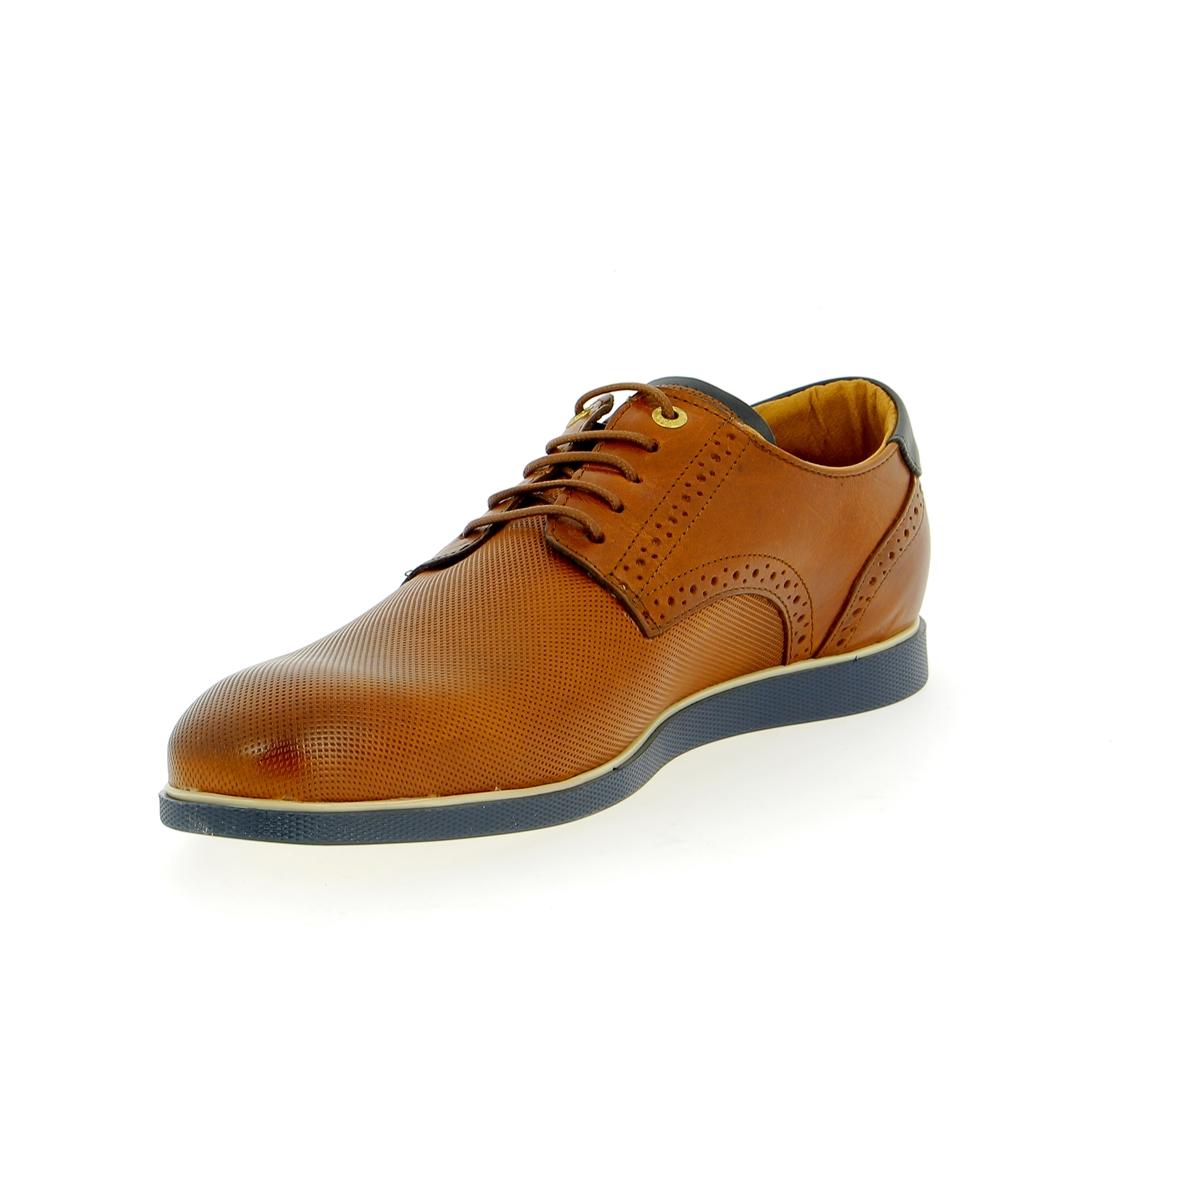 Pantofola D'oro Veterschoenen cognac